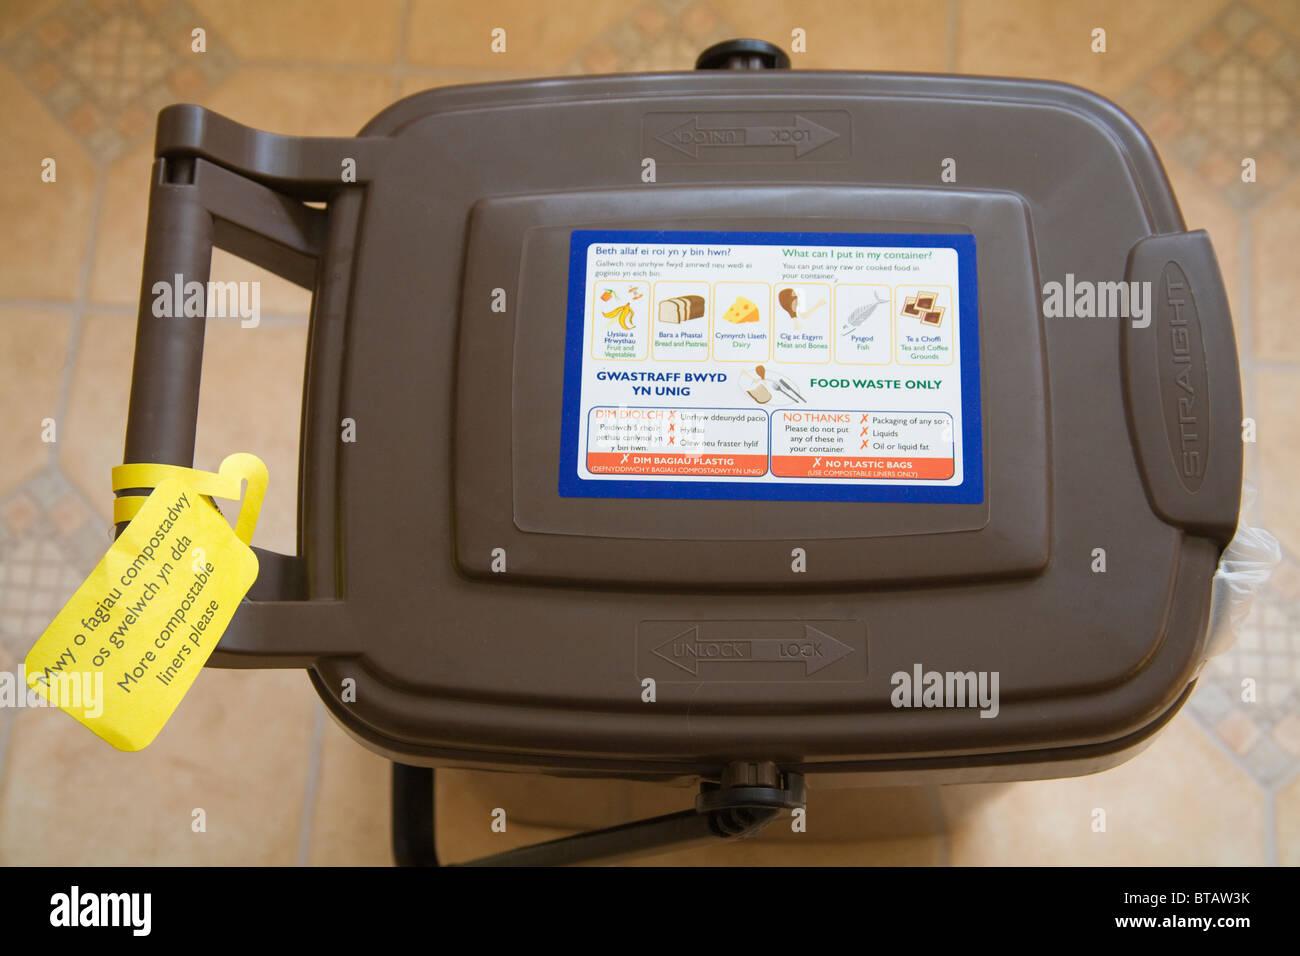 Close up riciclato contenitore per alimenti con la richiesta di ulteriori sacchi compostabili provenienti Immagini Stock